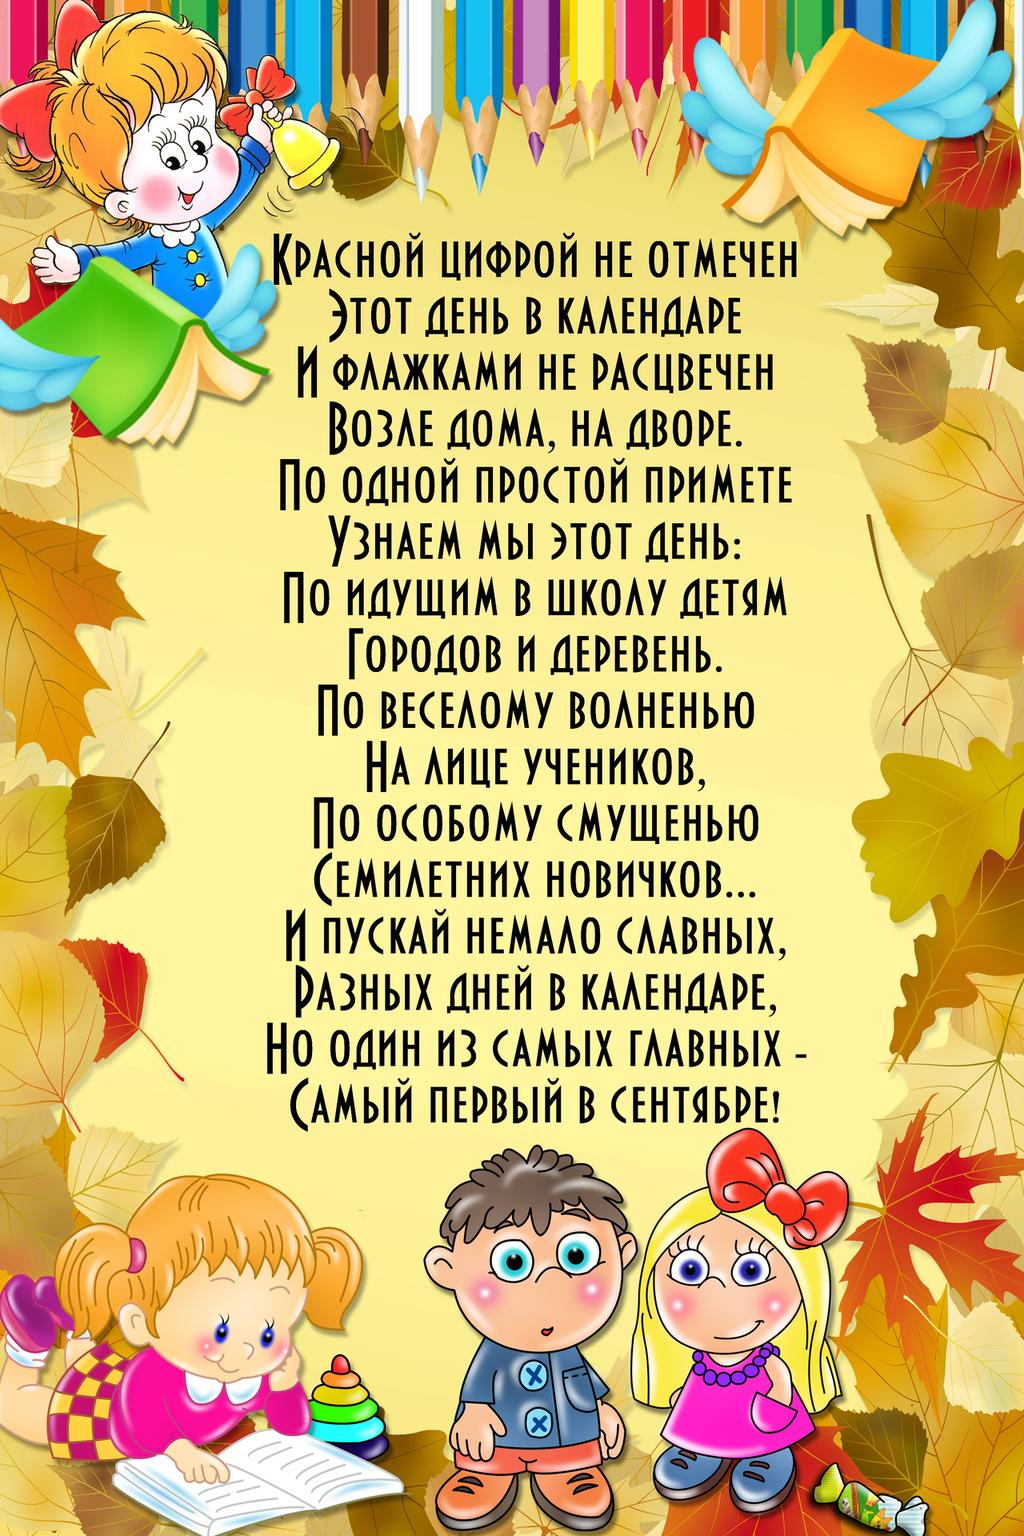 Поздравления с 1 сентября (с днем знаний) - Поздравок 84